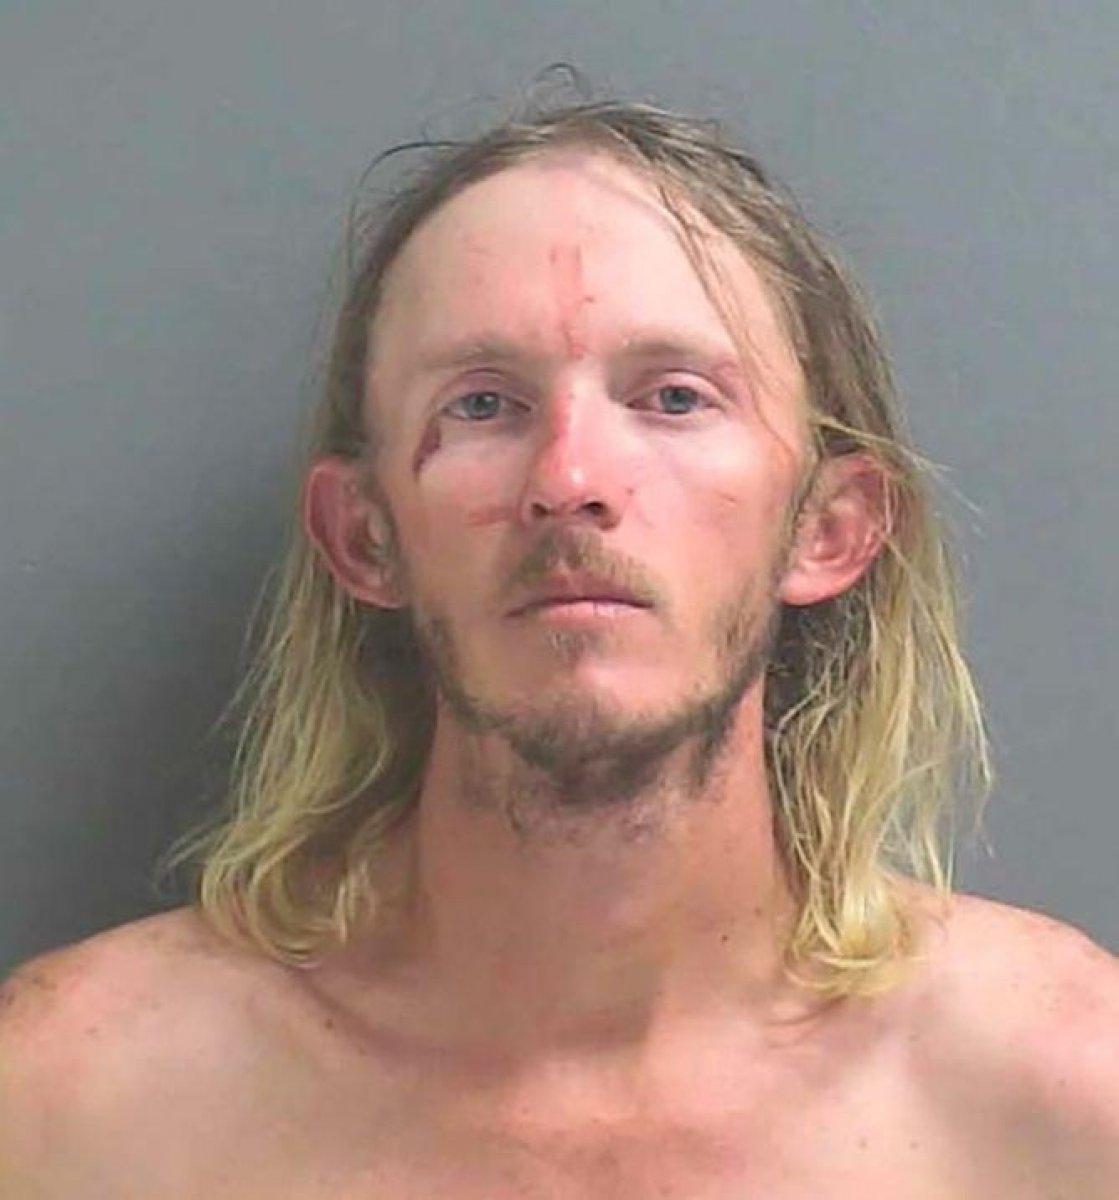 Florida da bir adam timsahı barın çatısına atmaya çalıştı #2